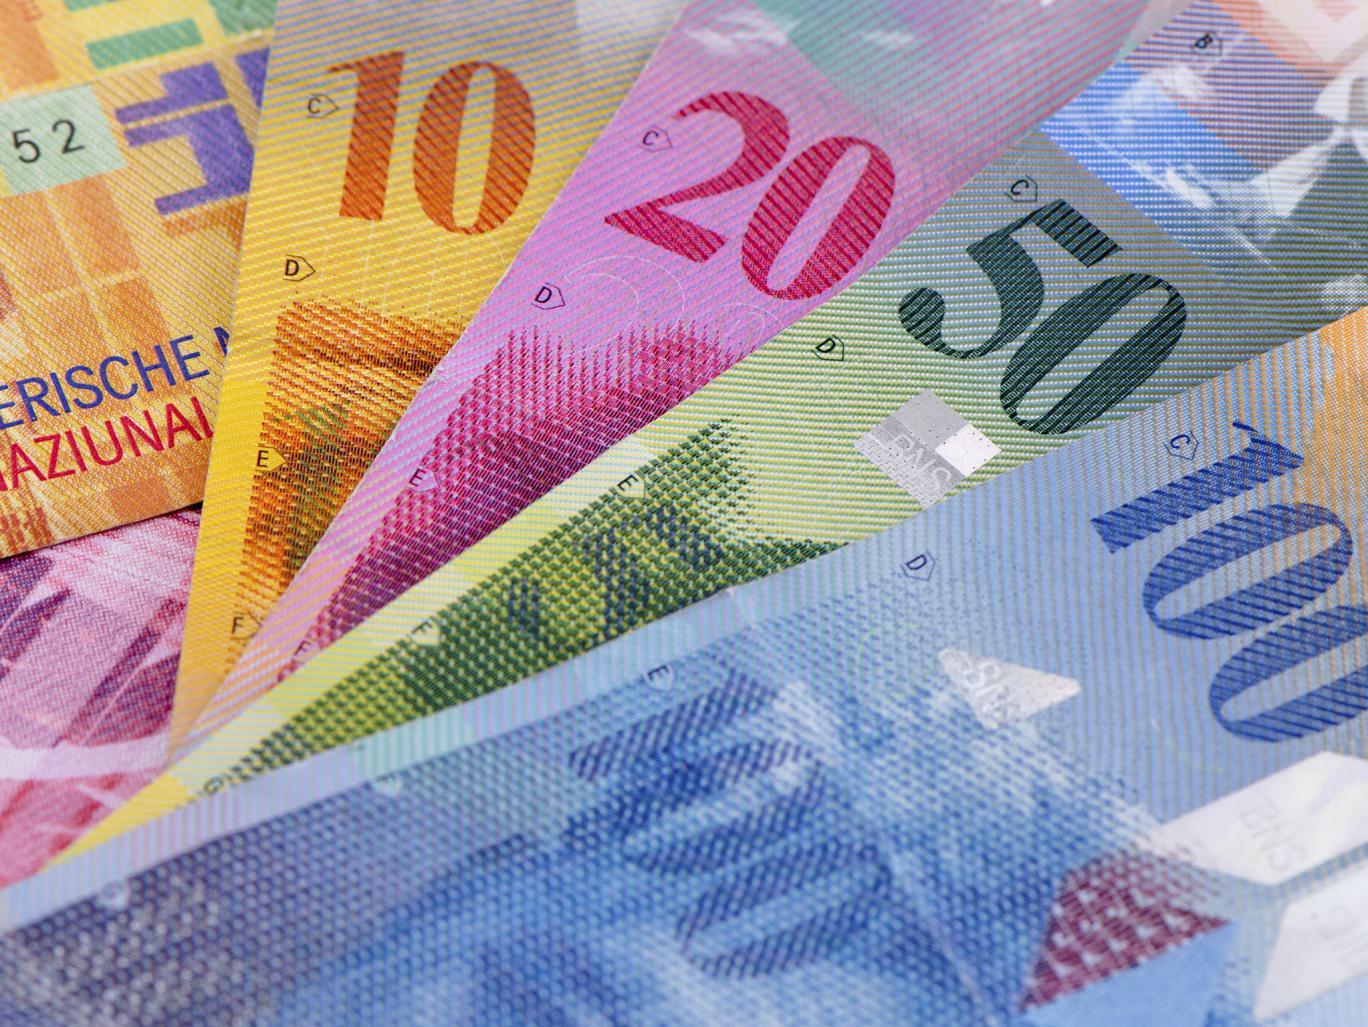 В Швейцарии вынесут на референдум вопрос о безусловном доходе для всех граждан